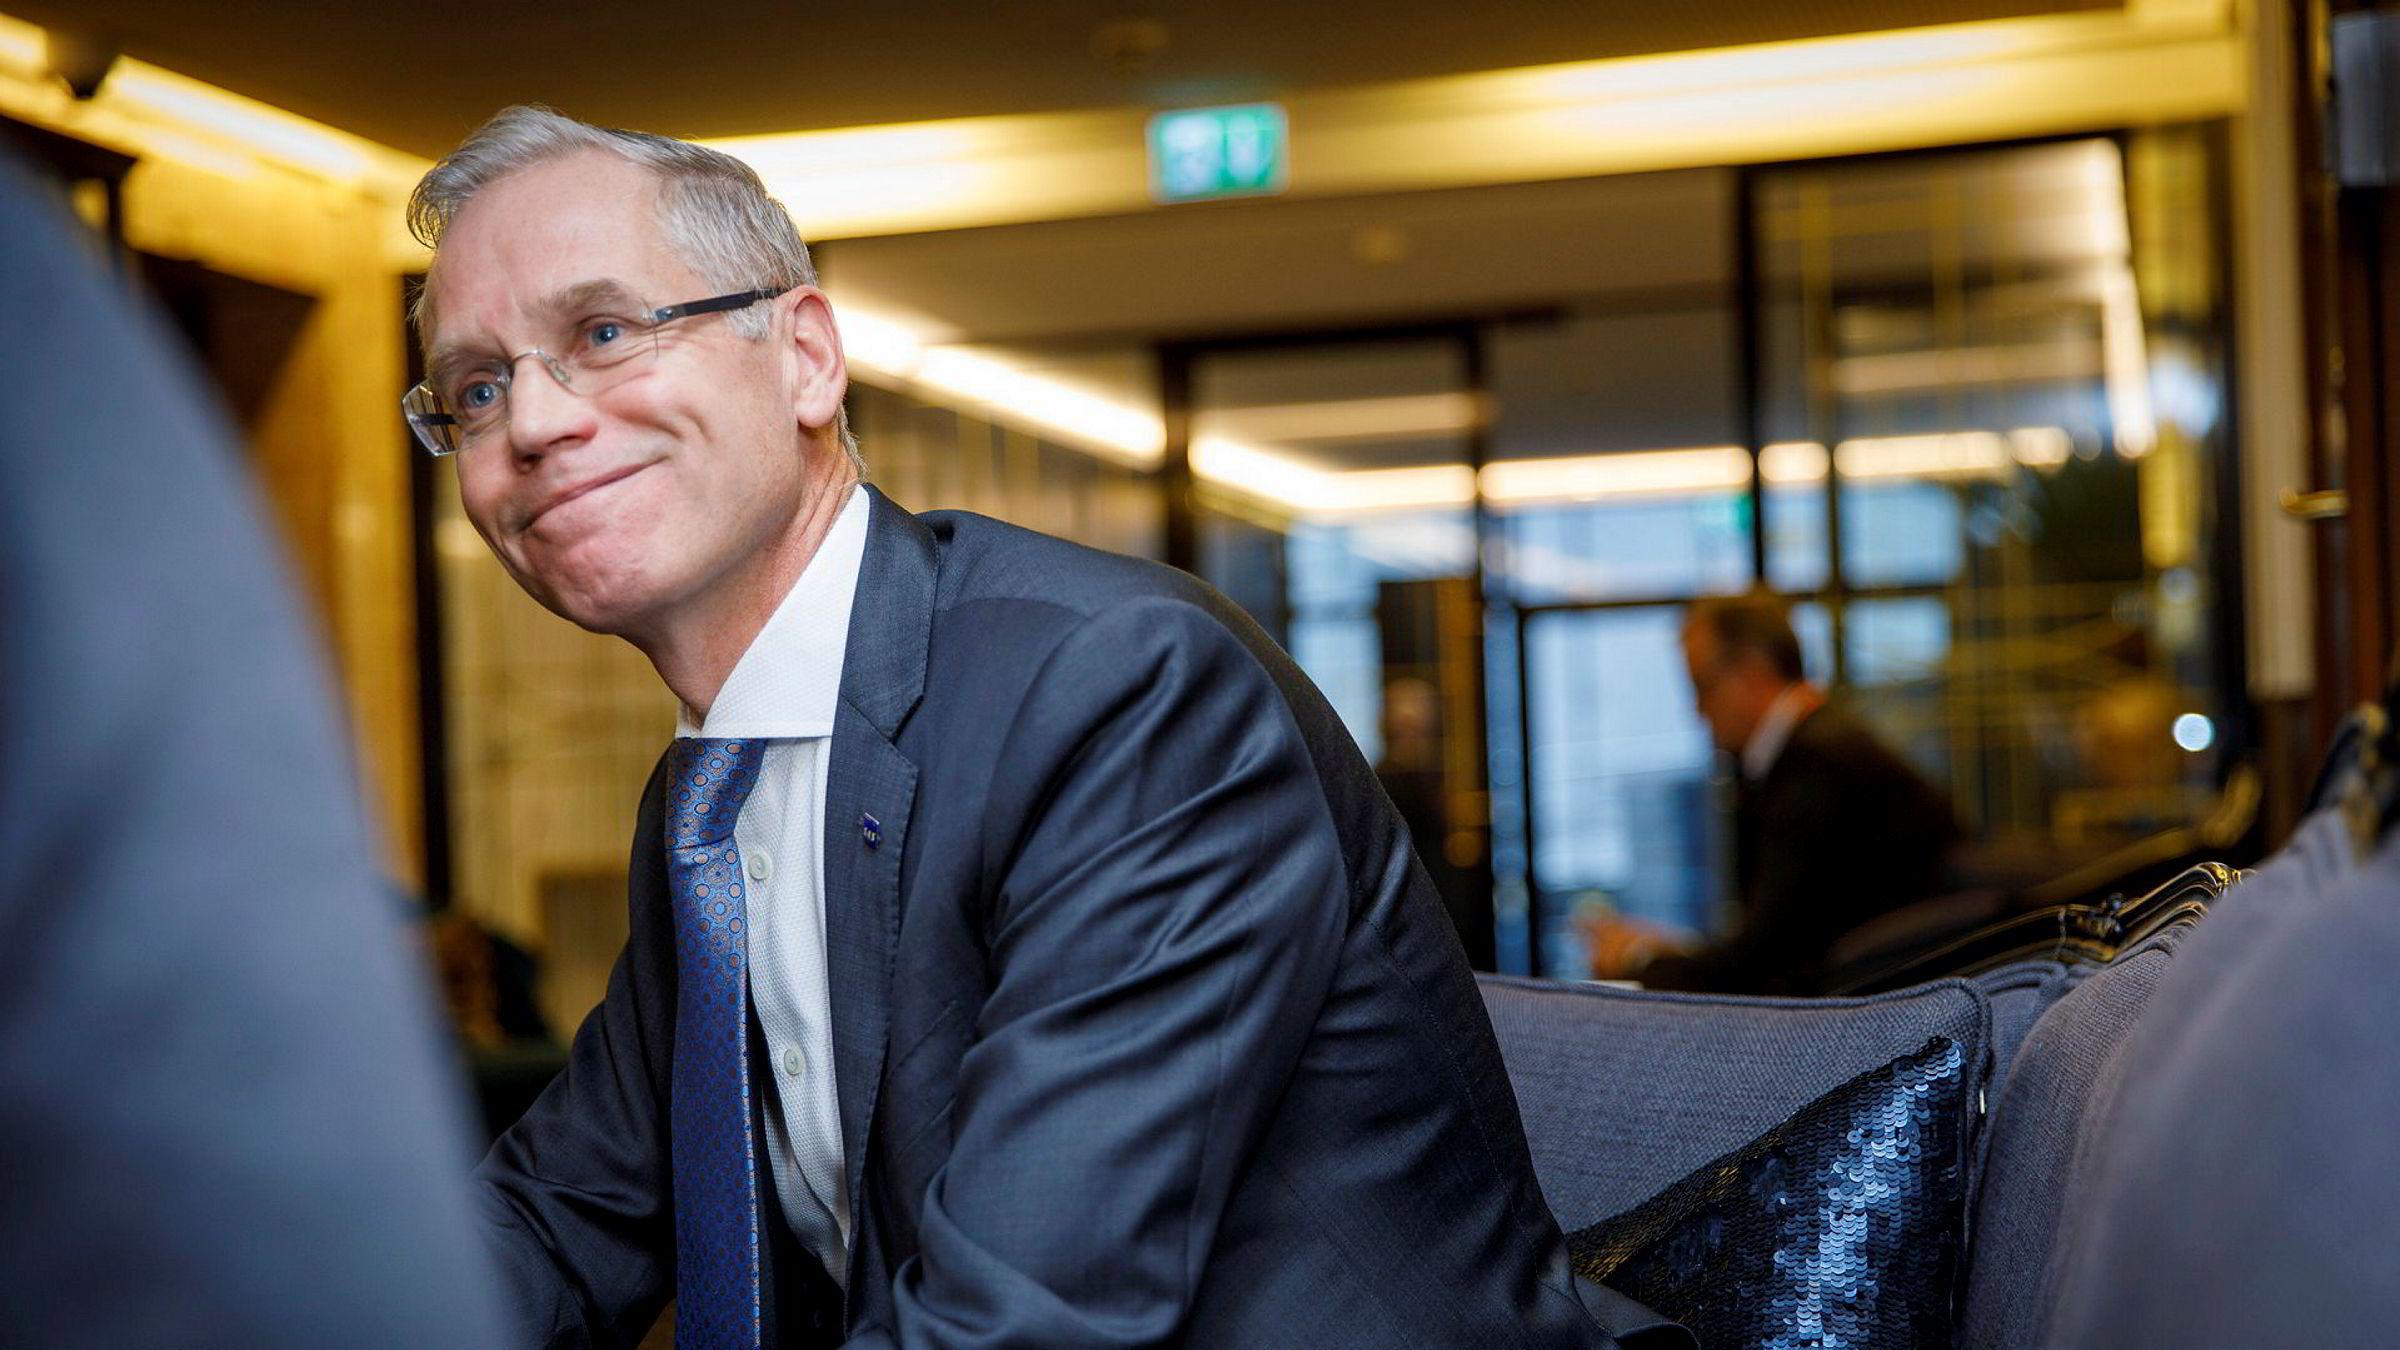 – Til tross for et utfordrende år er vi fornøyd med en god utvikling på driften i løpet av de siste månedene av regnskapsåret 2019, sier SAS' konsernsjef Rickard Gustafson.